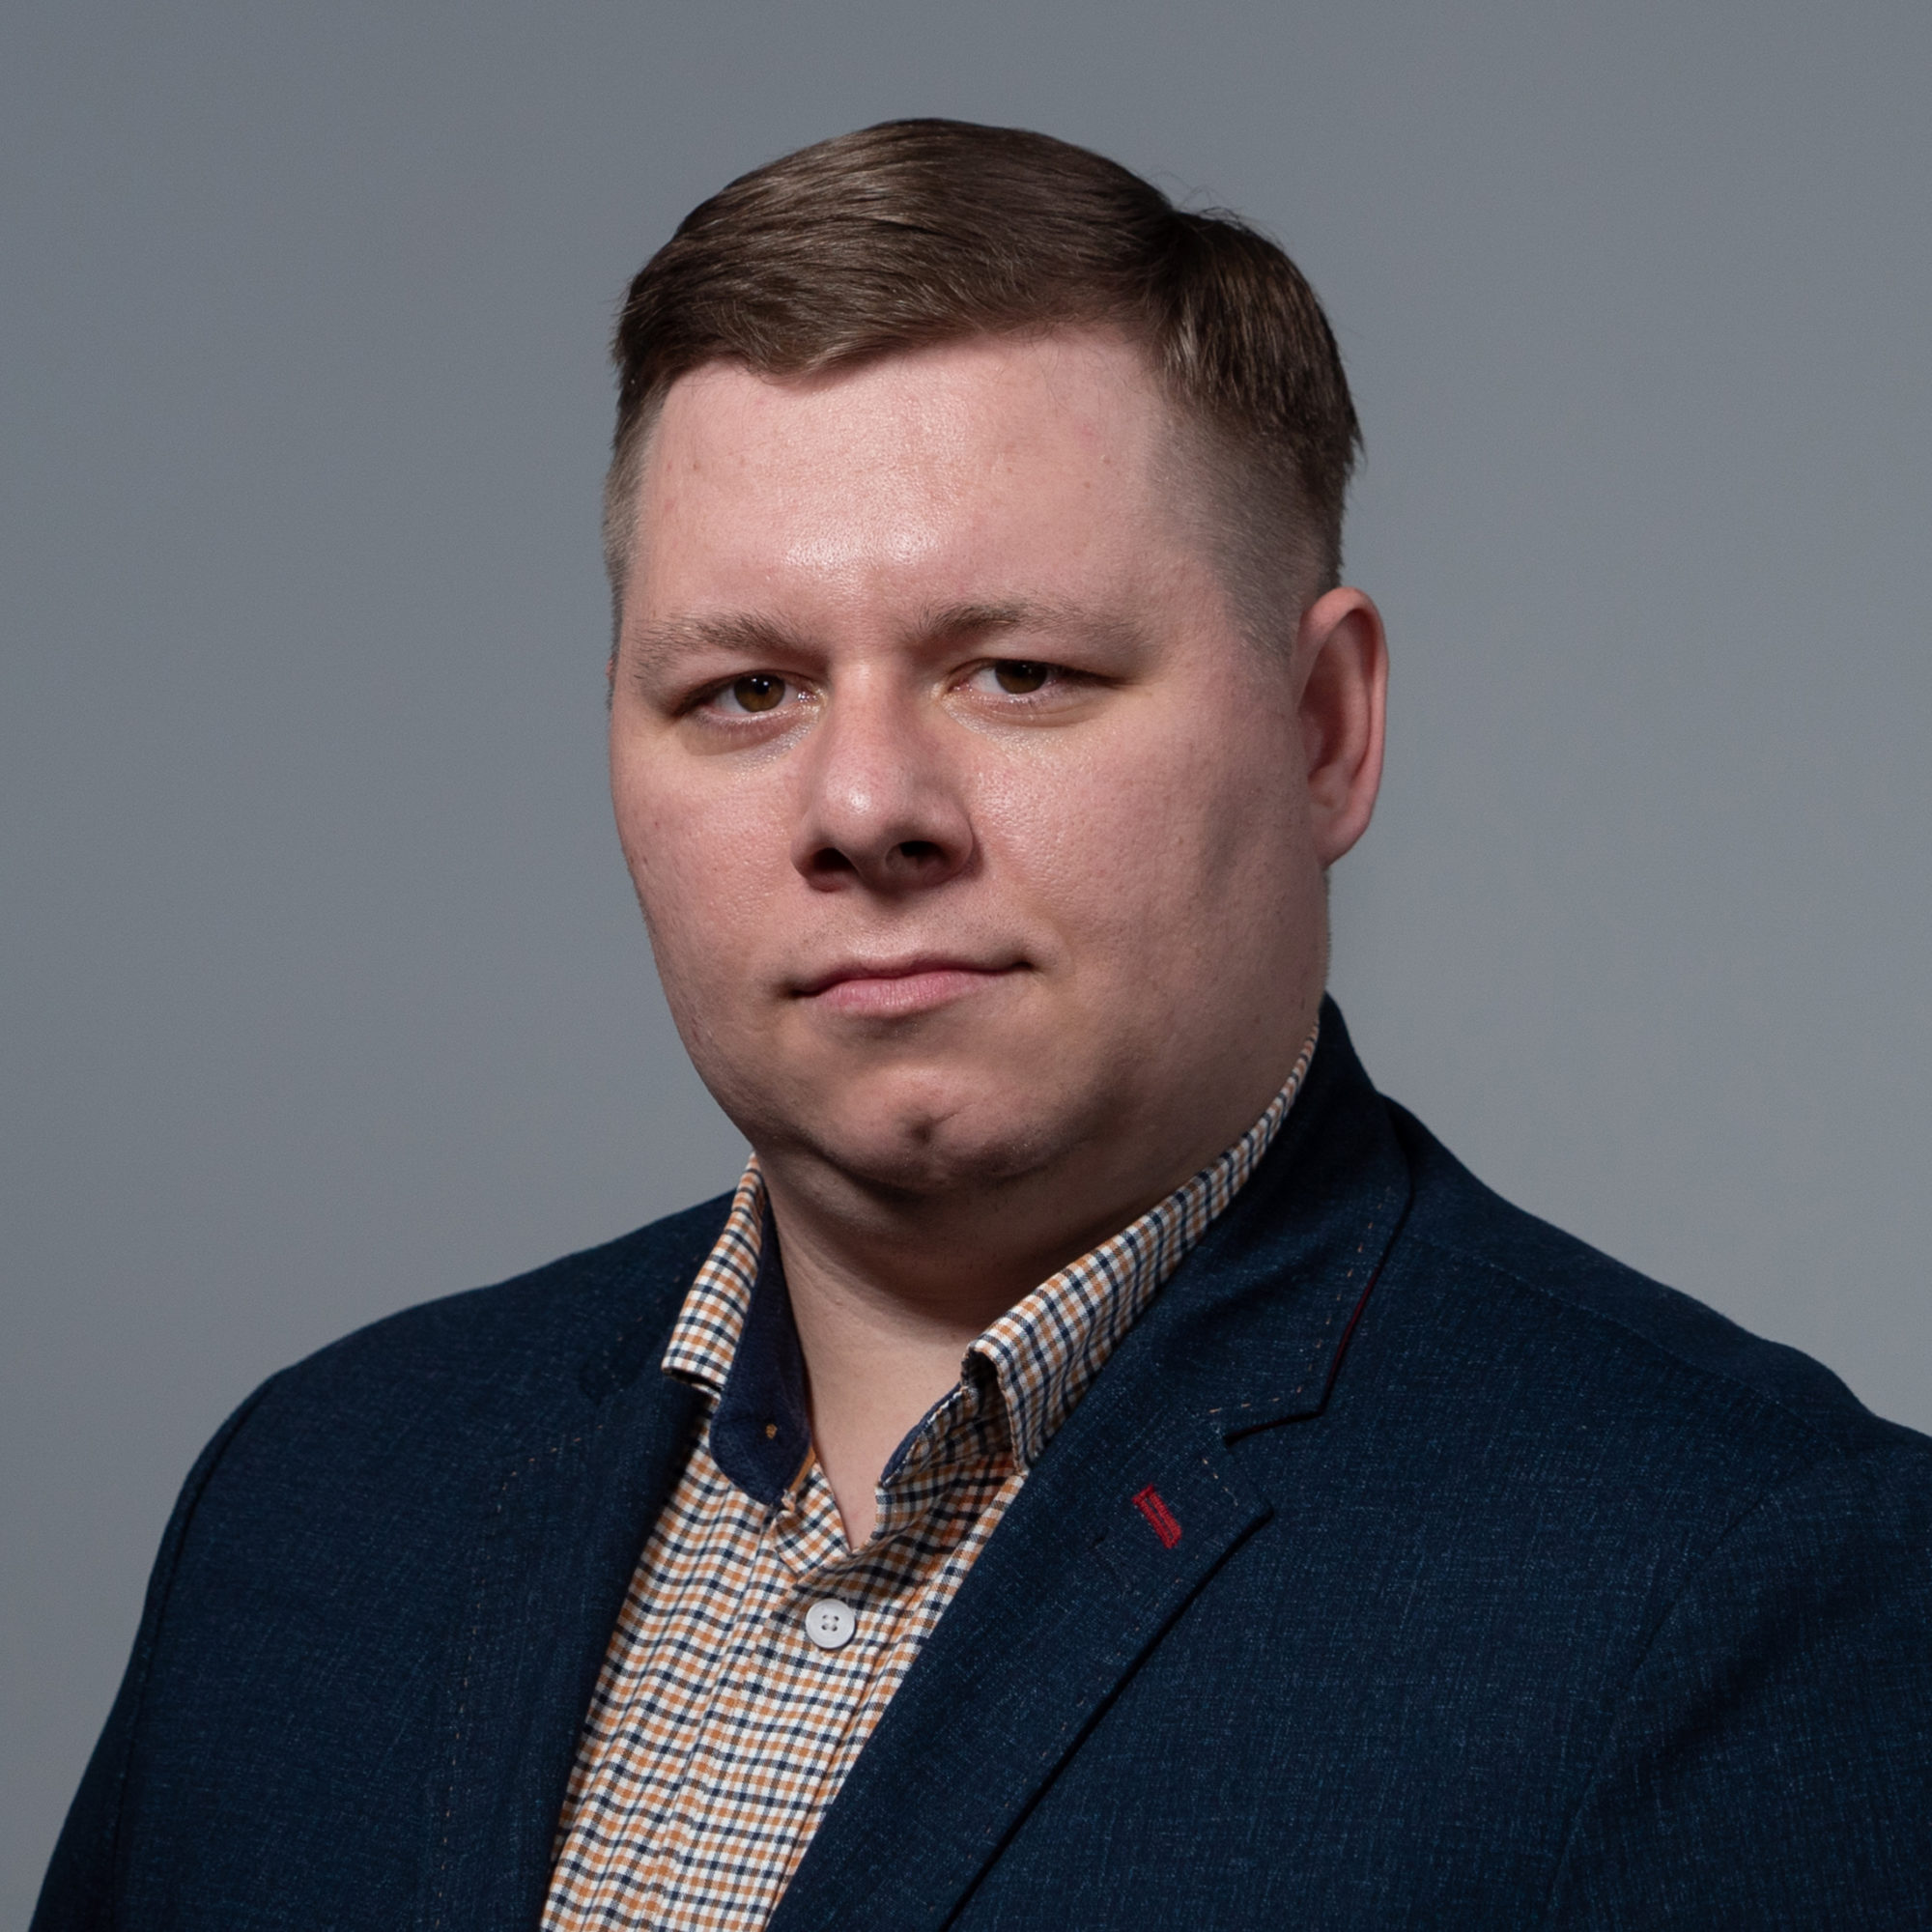 Alexey Zaslavsky